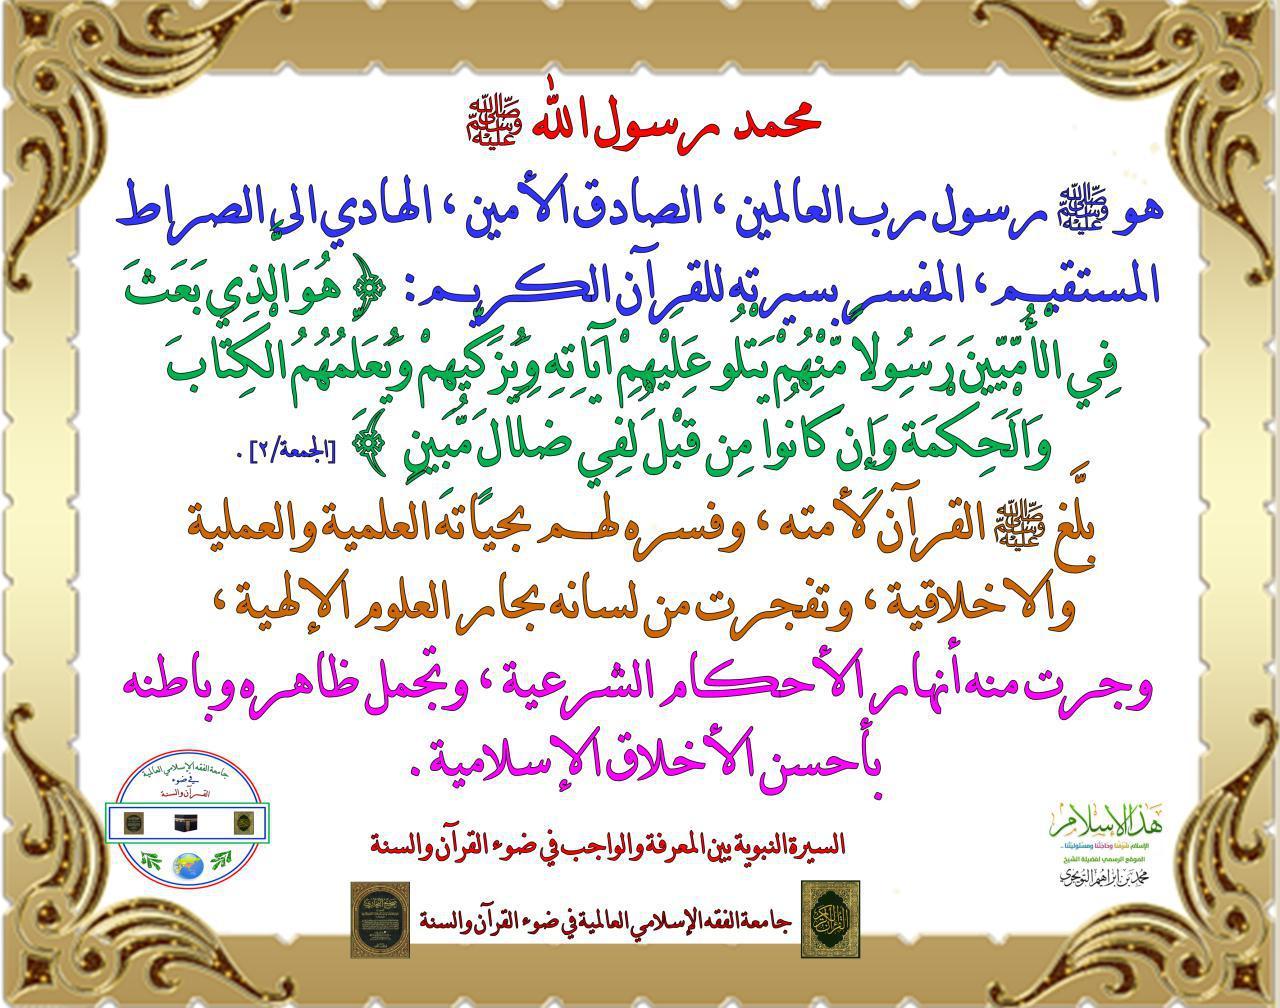 موقع هذا الإسلام المادة العلمية الخاصة بجامعة الفقه الإسلامي